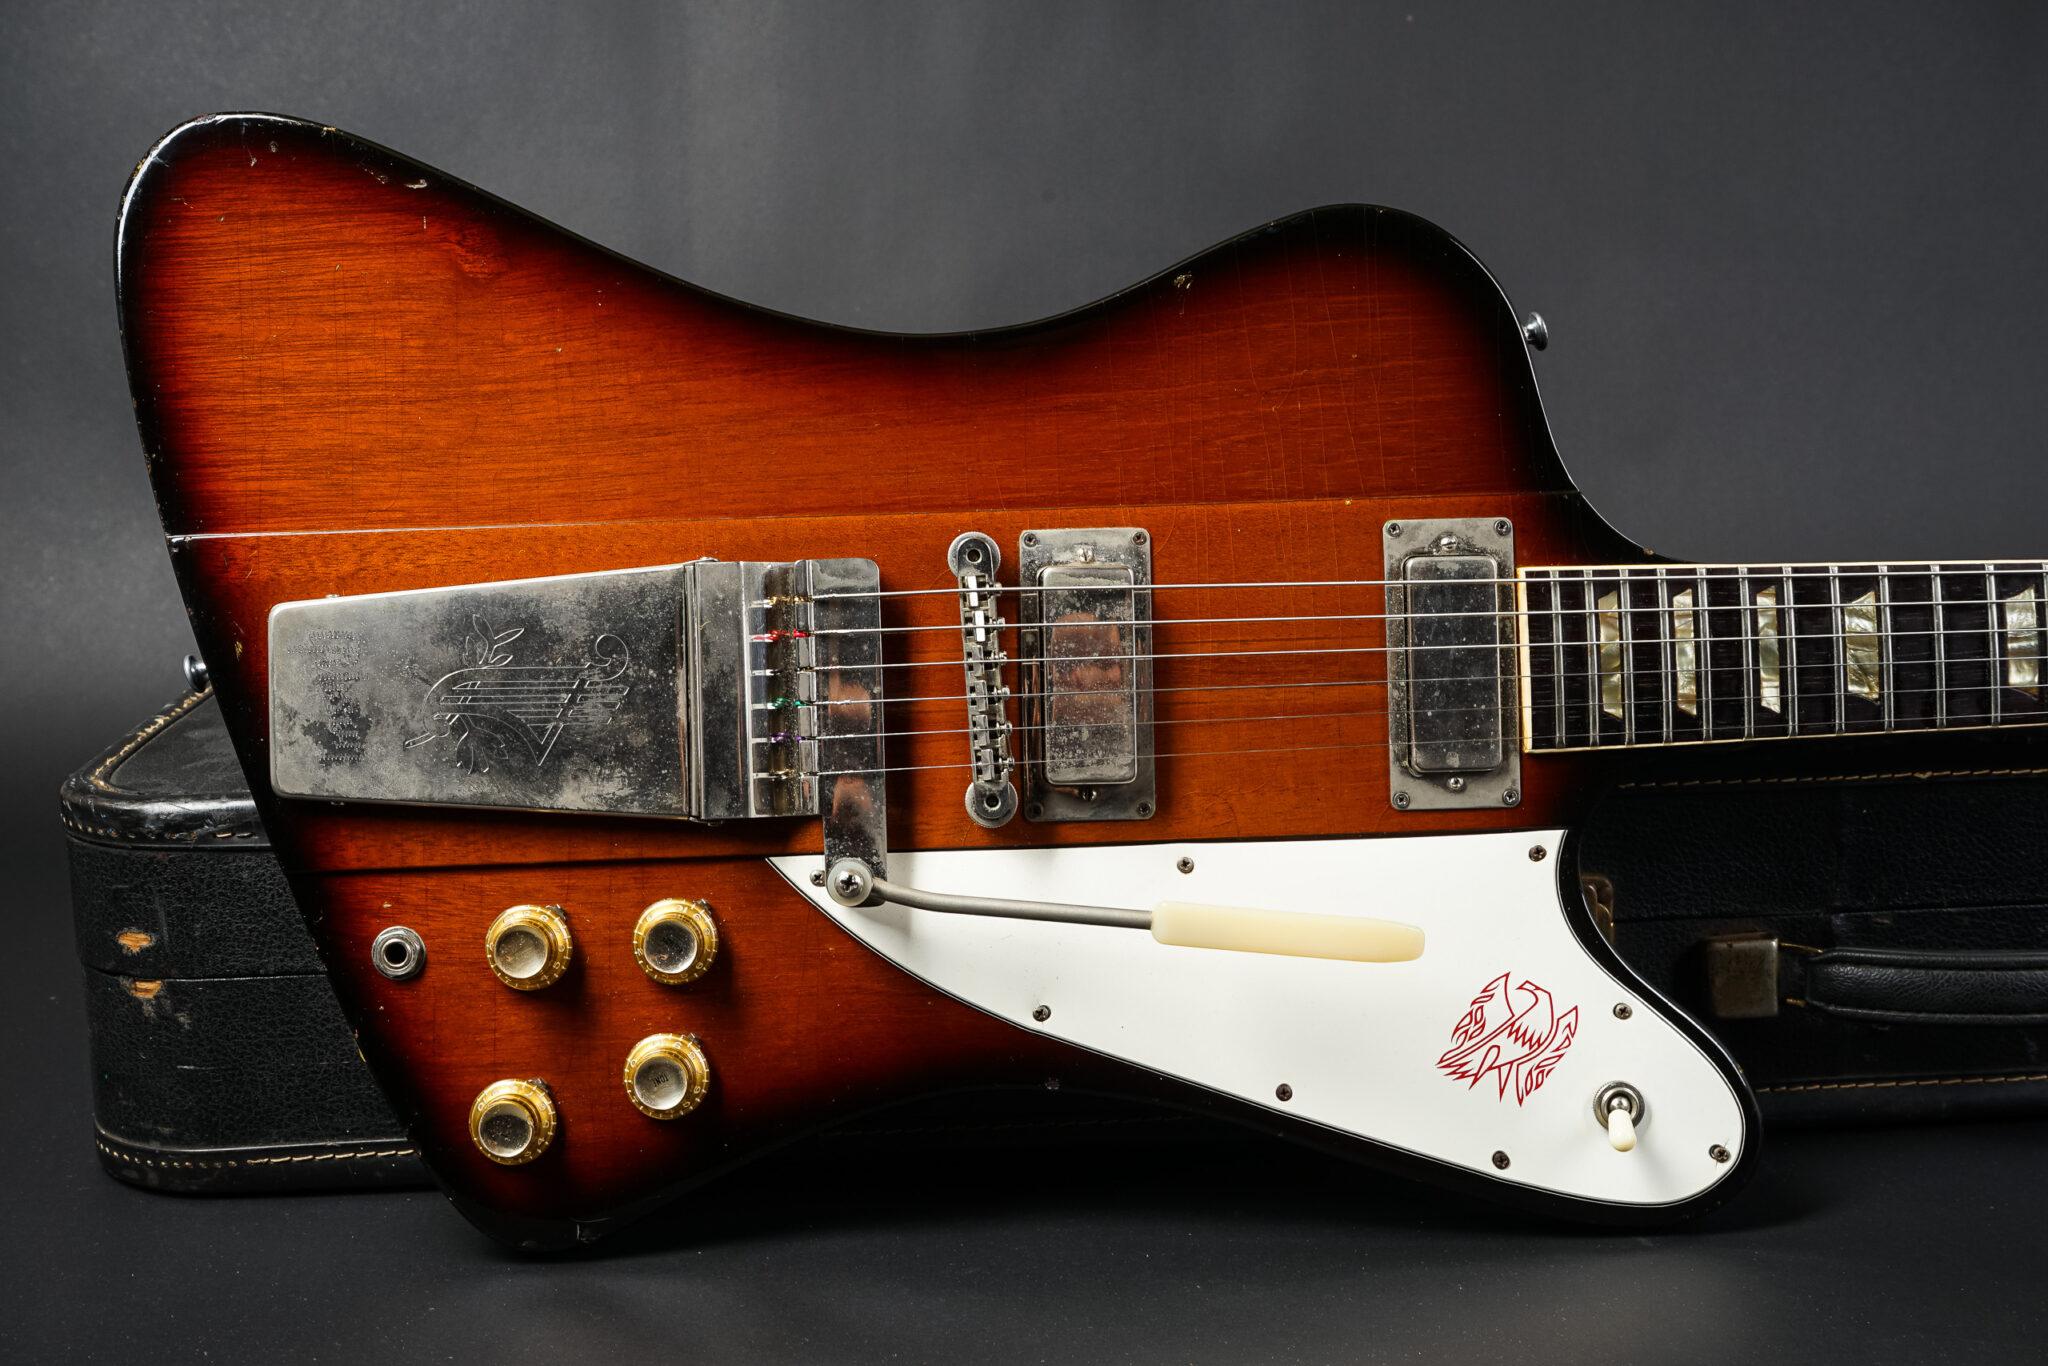 https://guitarpoint.de/app/uploads/products/1964-gibson-firebird-v-sunburst/1964-Gibson-Firebird-V-153636-8-2048x1366.jpg